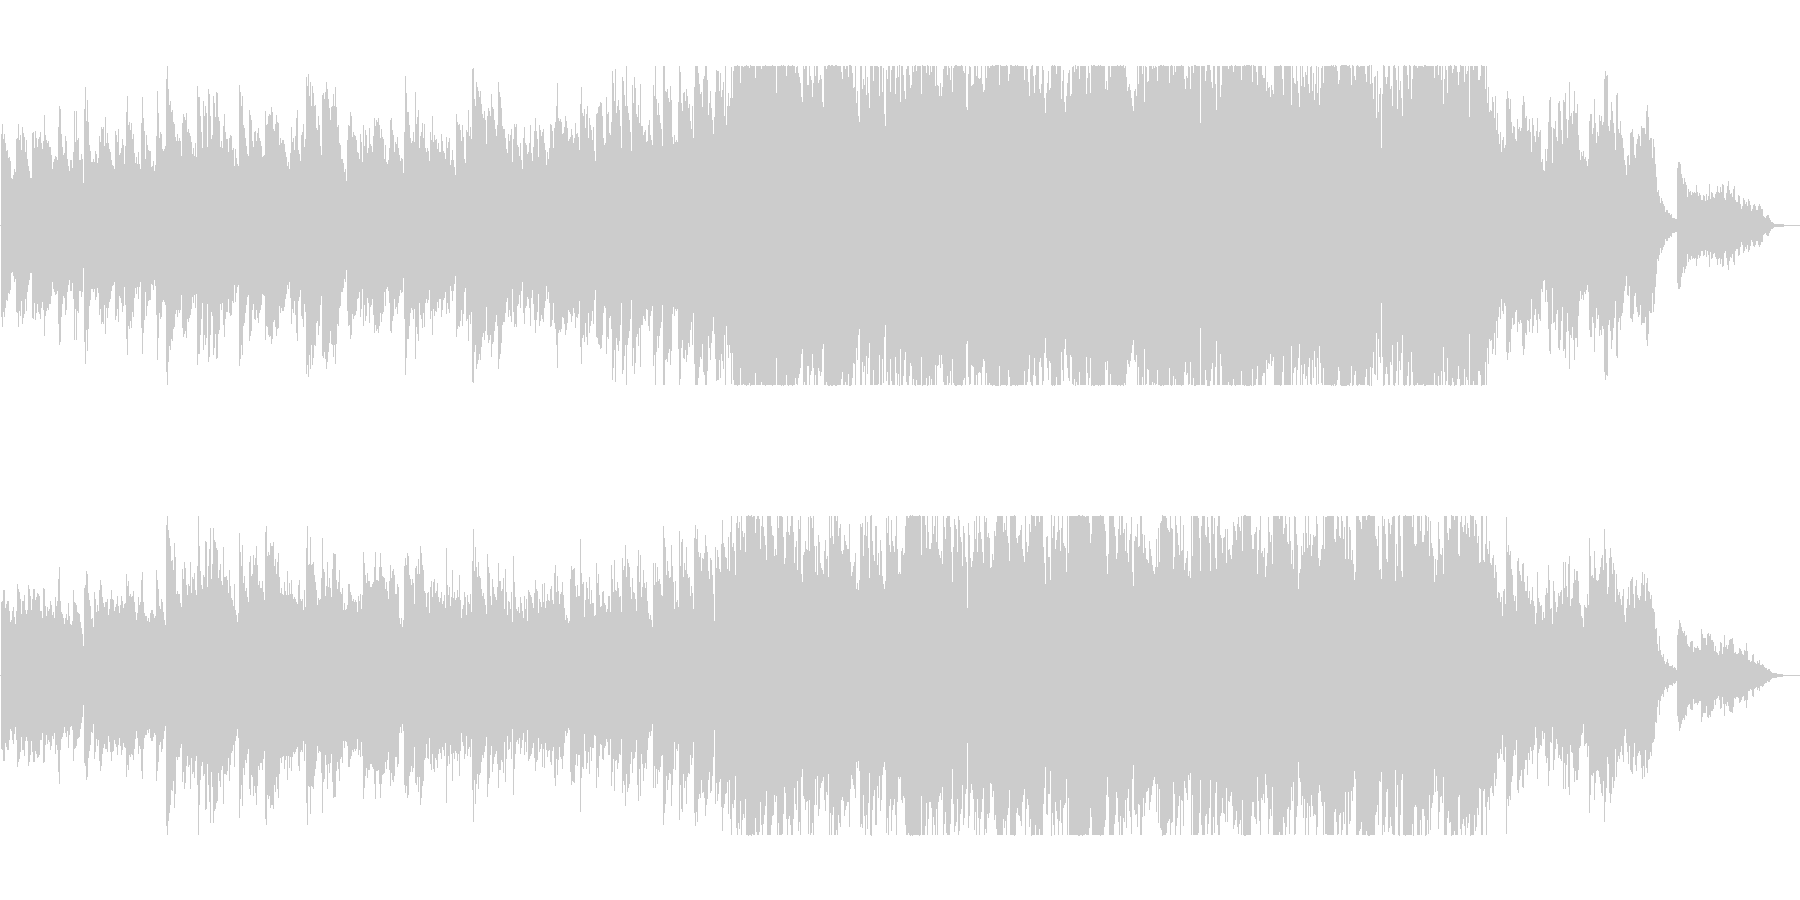 ポジティブなピアノバラードの未再生の波形